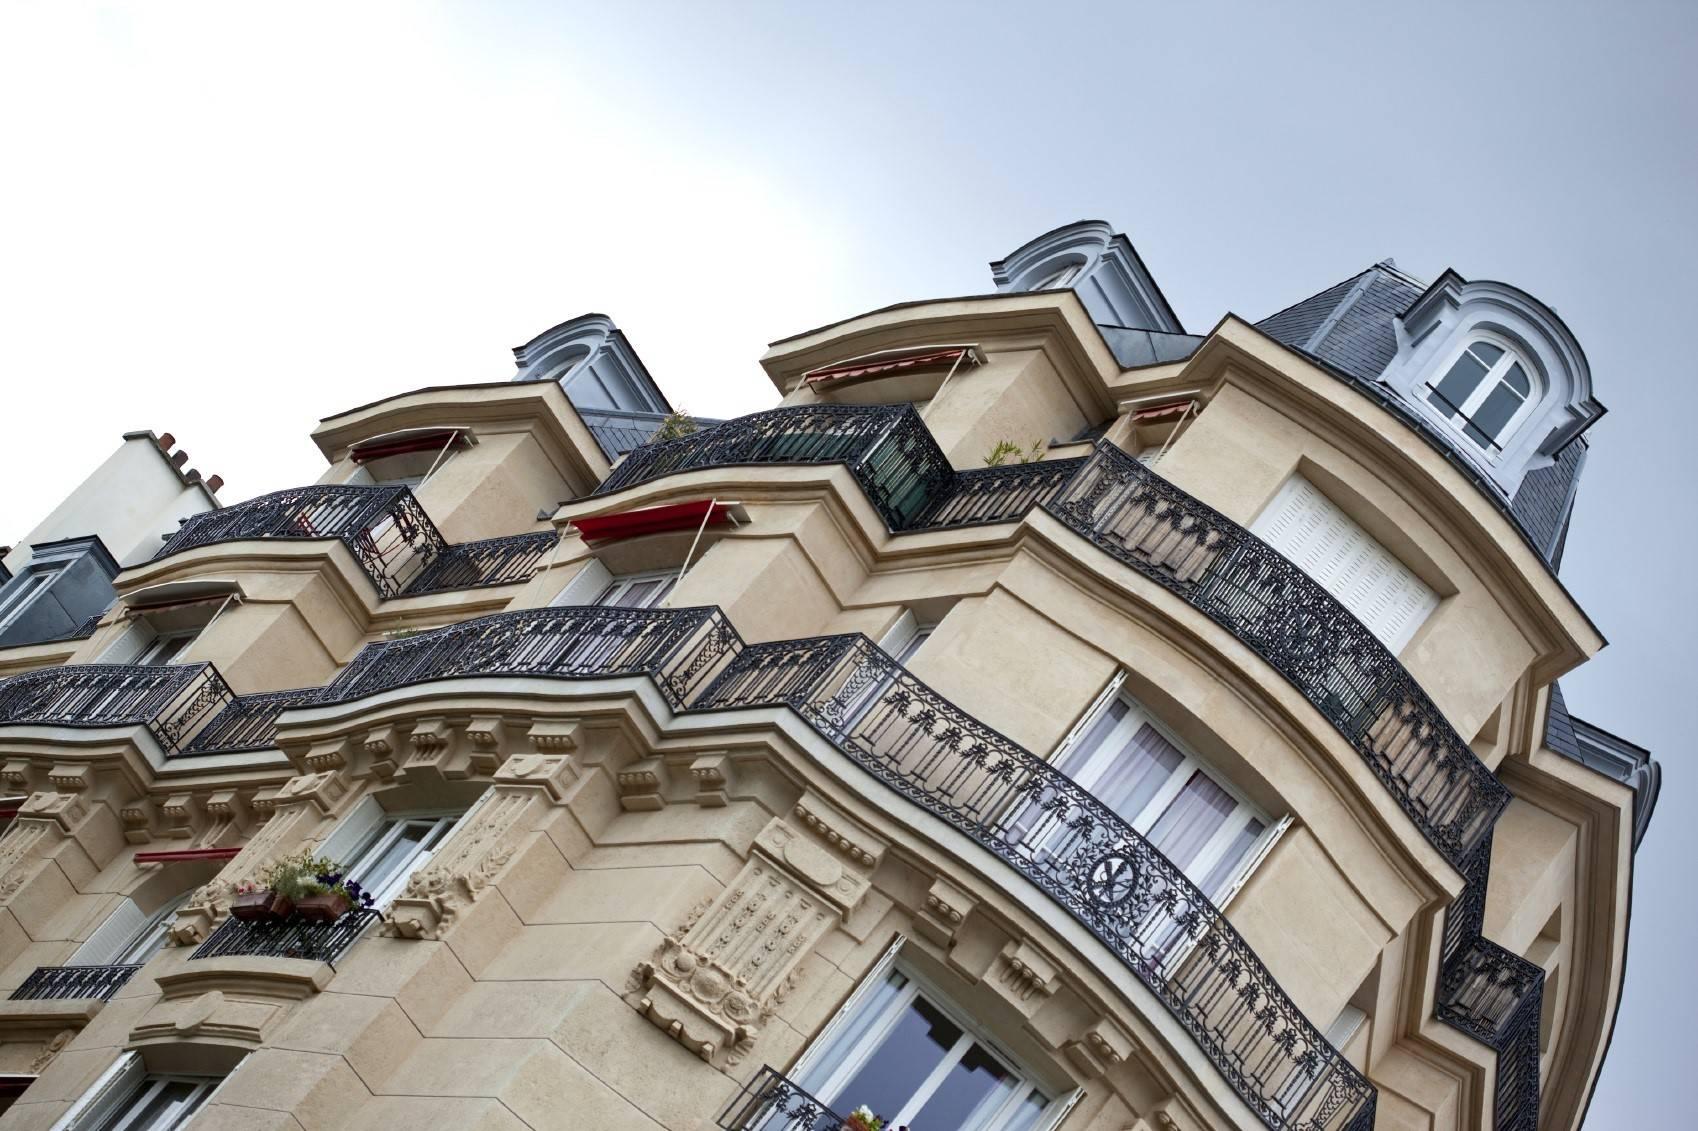 Des loyers en baisse un peu partout en france - Observatoire des loyers clameur ...